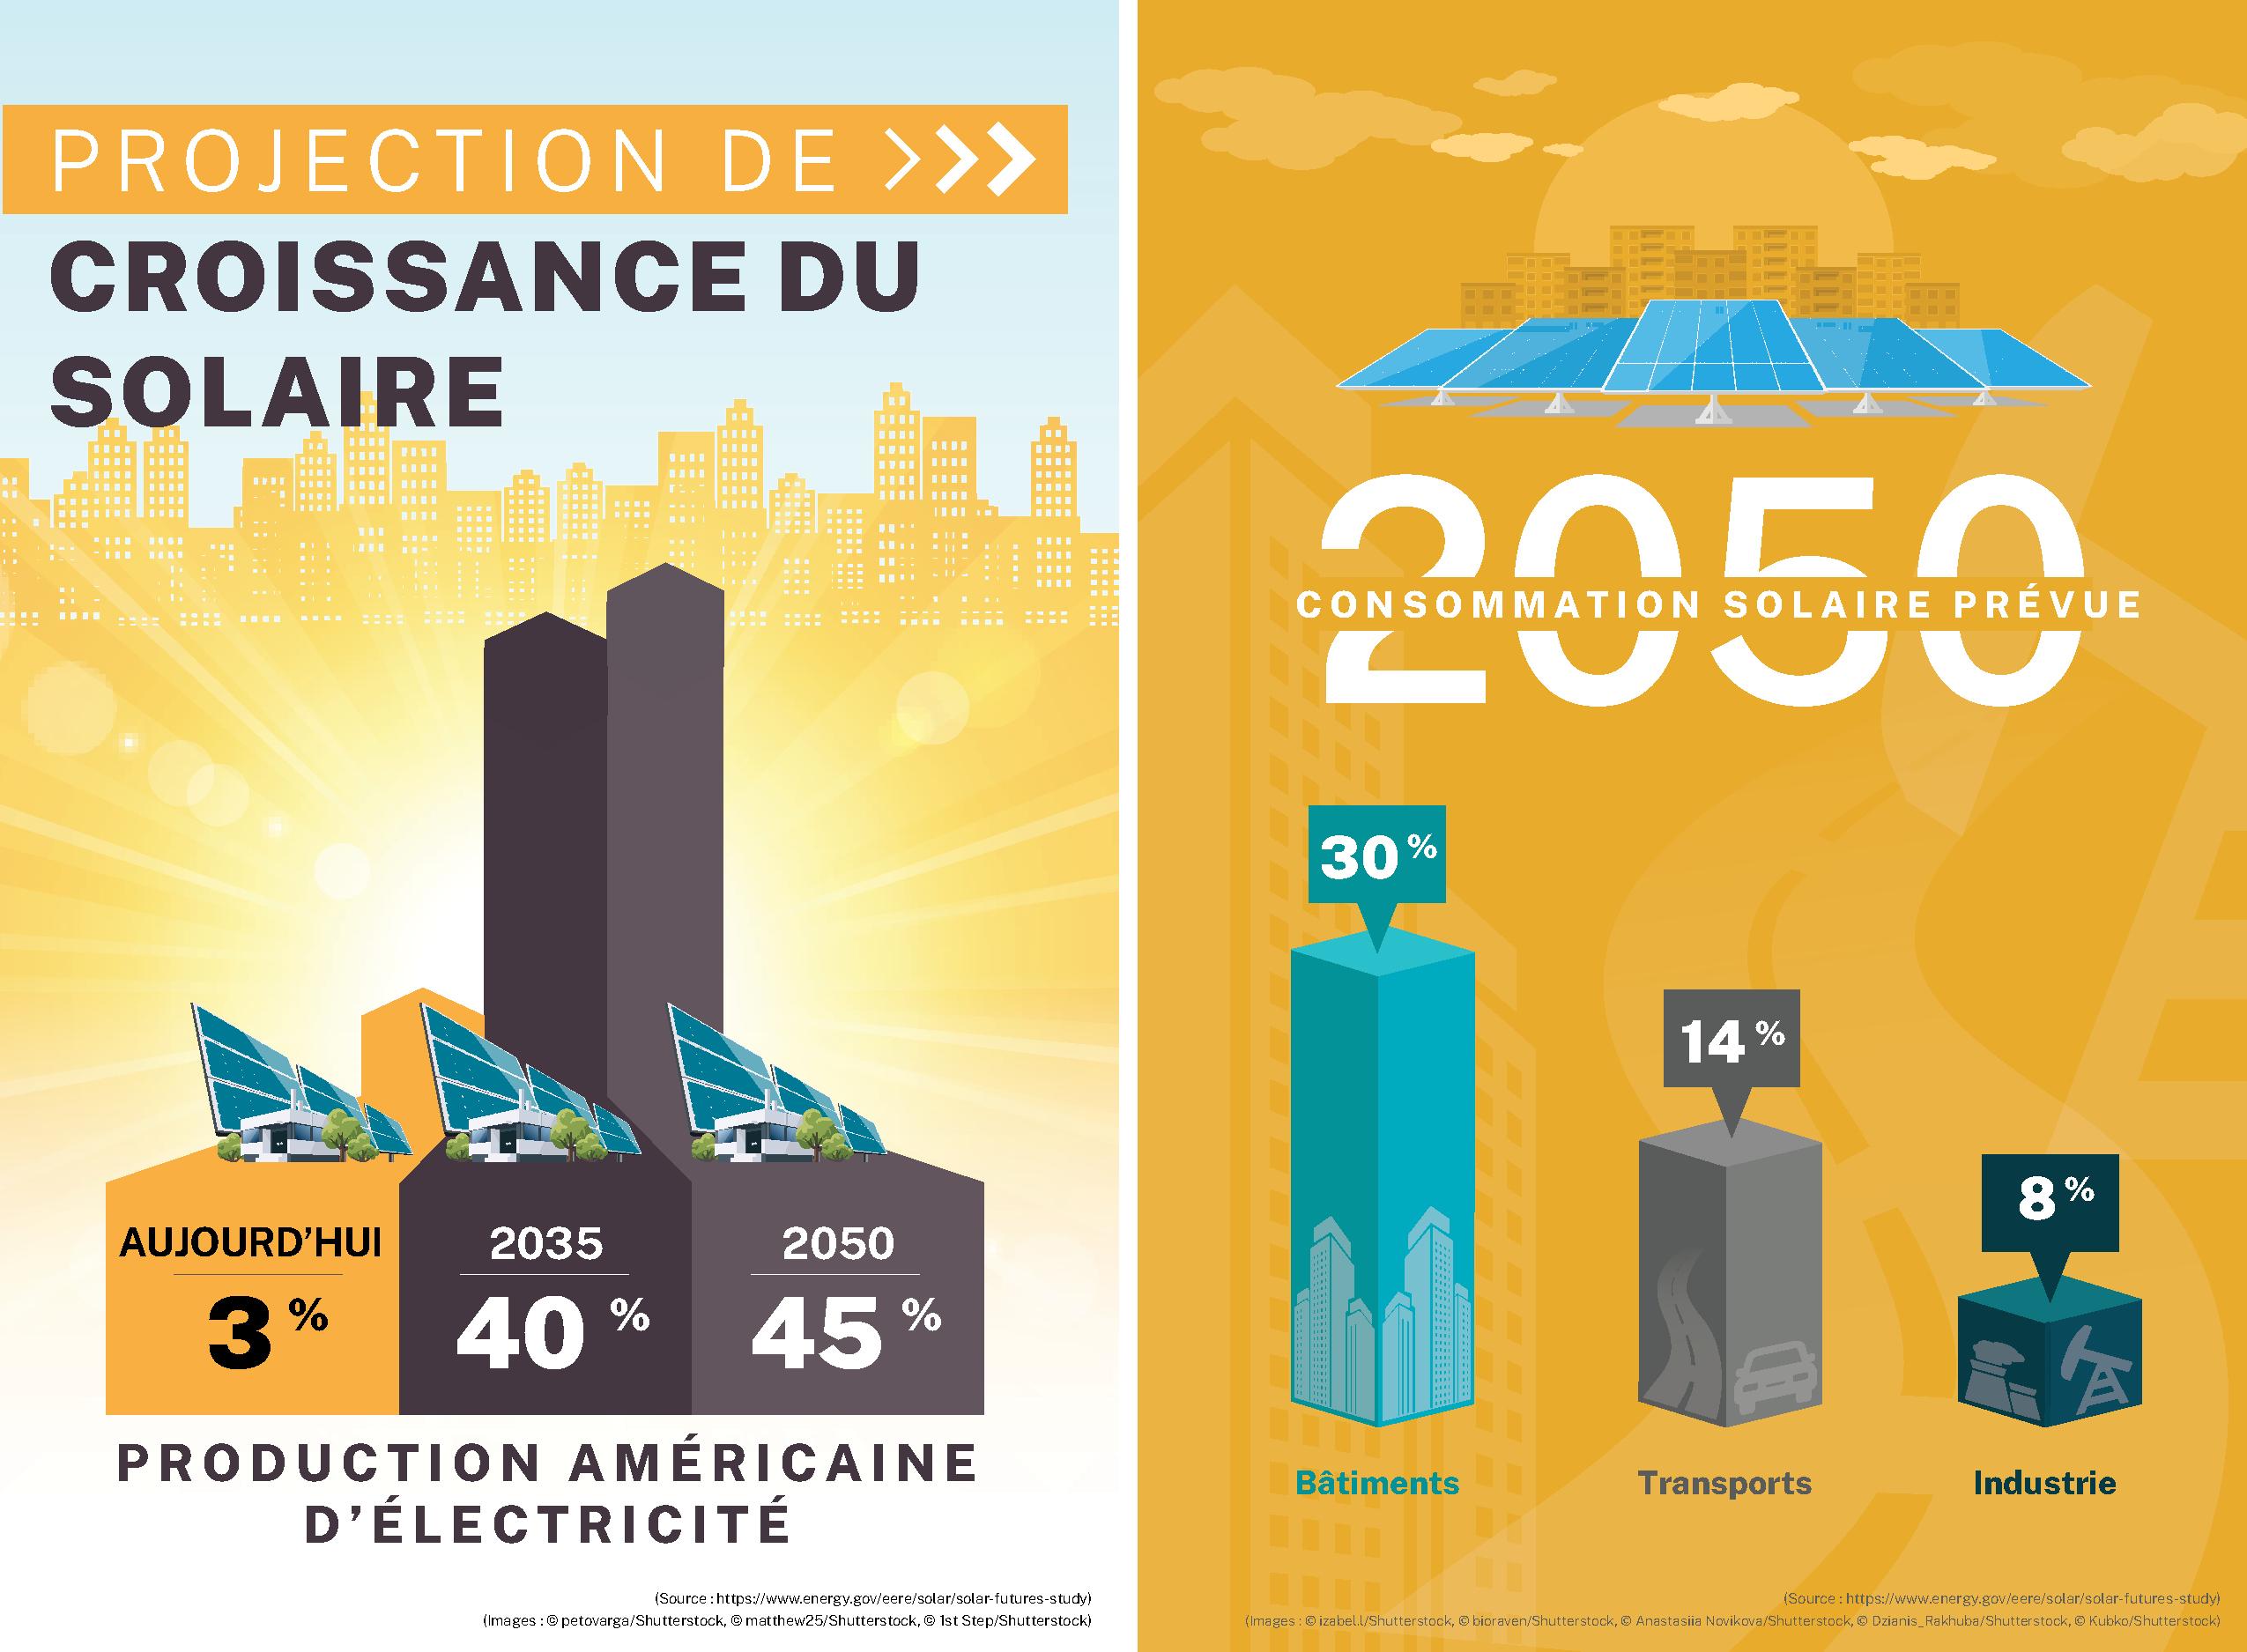 Infographie représentant la hausse prévue de l'utilisation de l'énergie solaire comme source d'électricité, et la part prévue, en pourcentage, d'énergie solaire consommée par les bâtiments, les transports et l'industrie en 2050 (Images : Shutterstock)